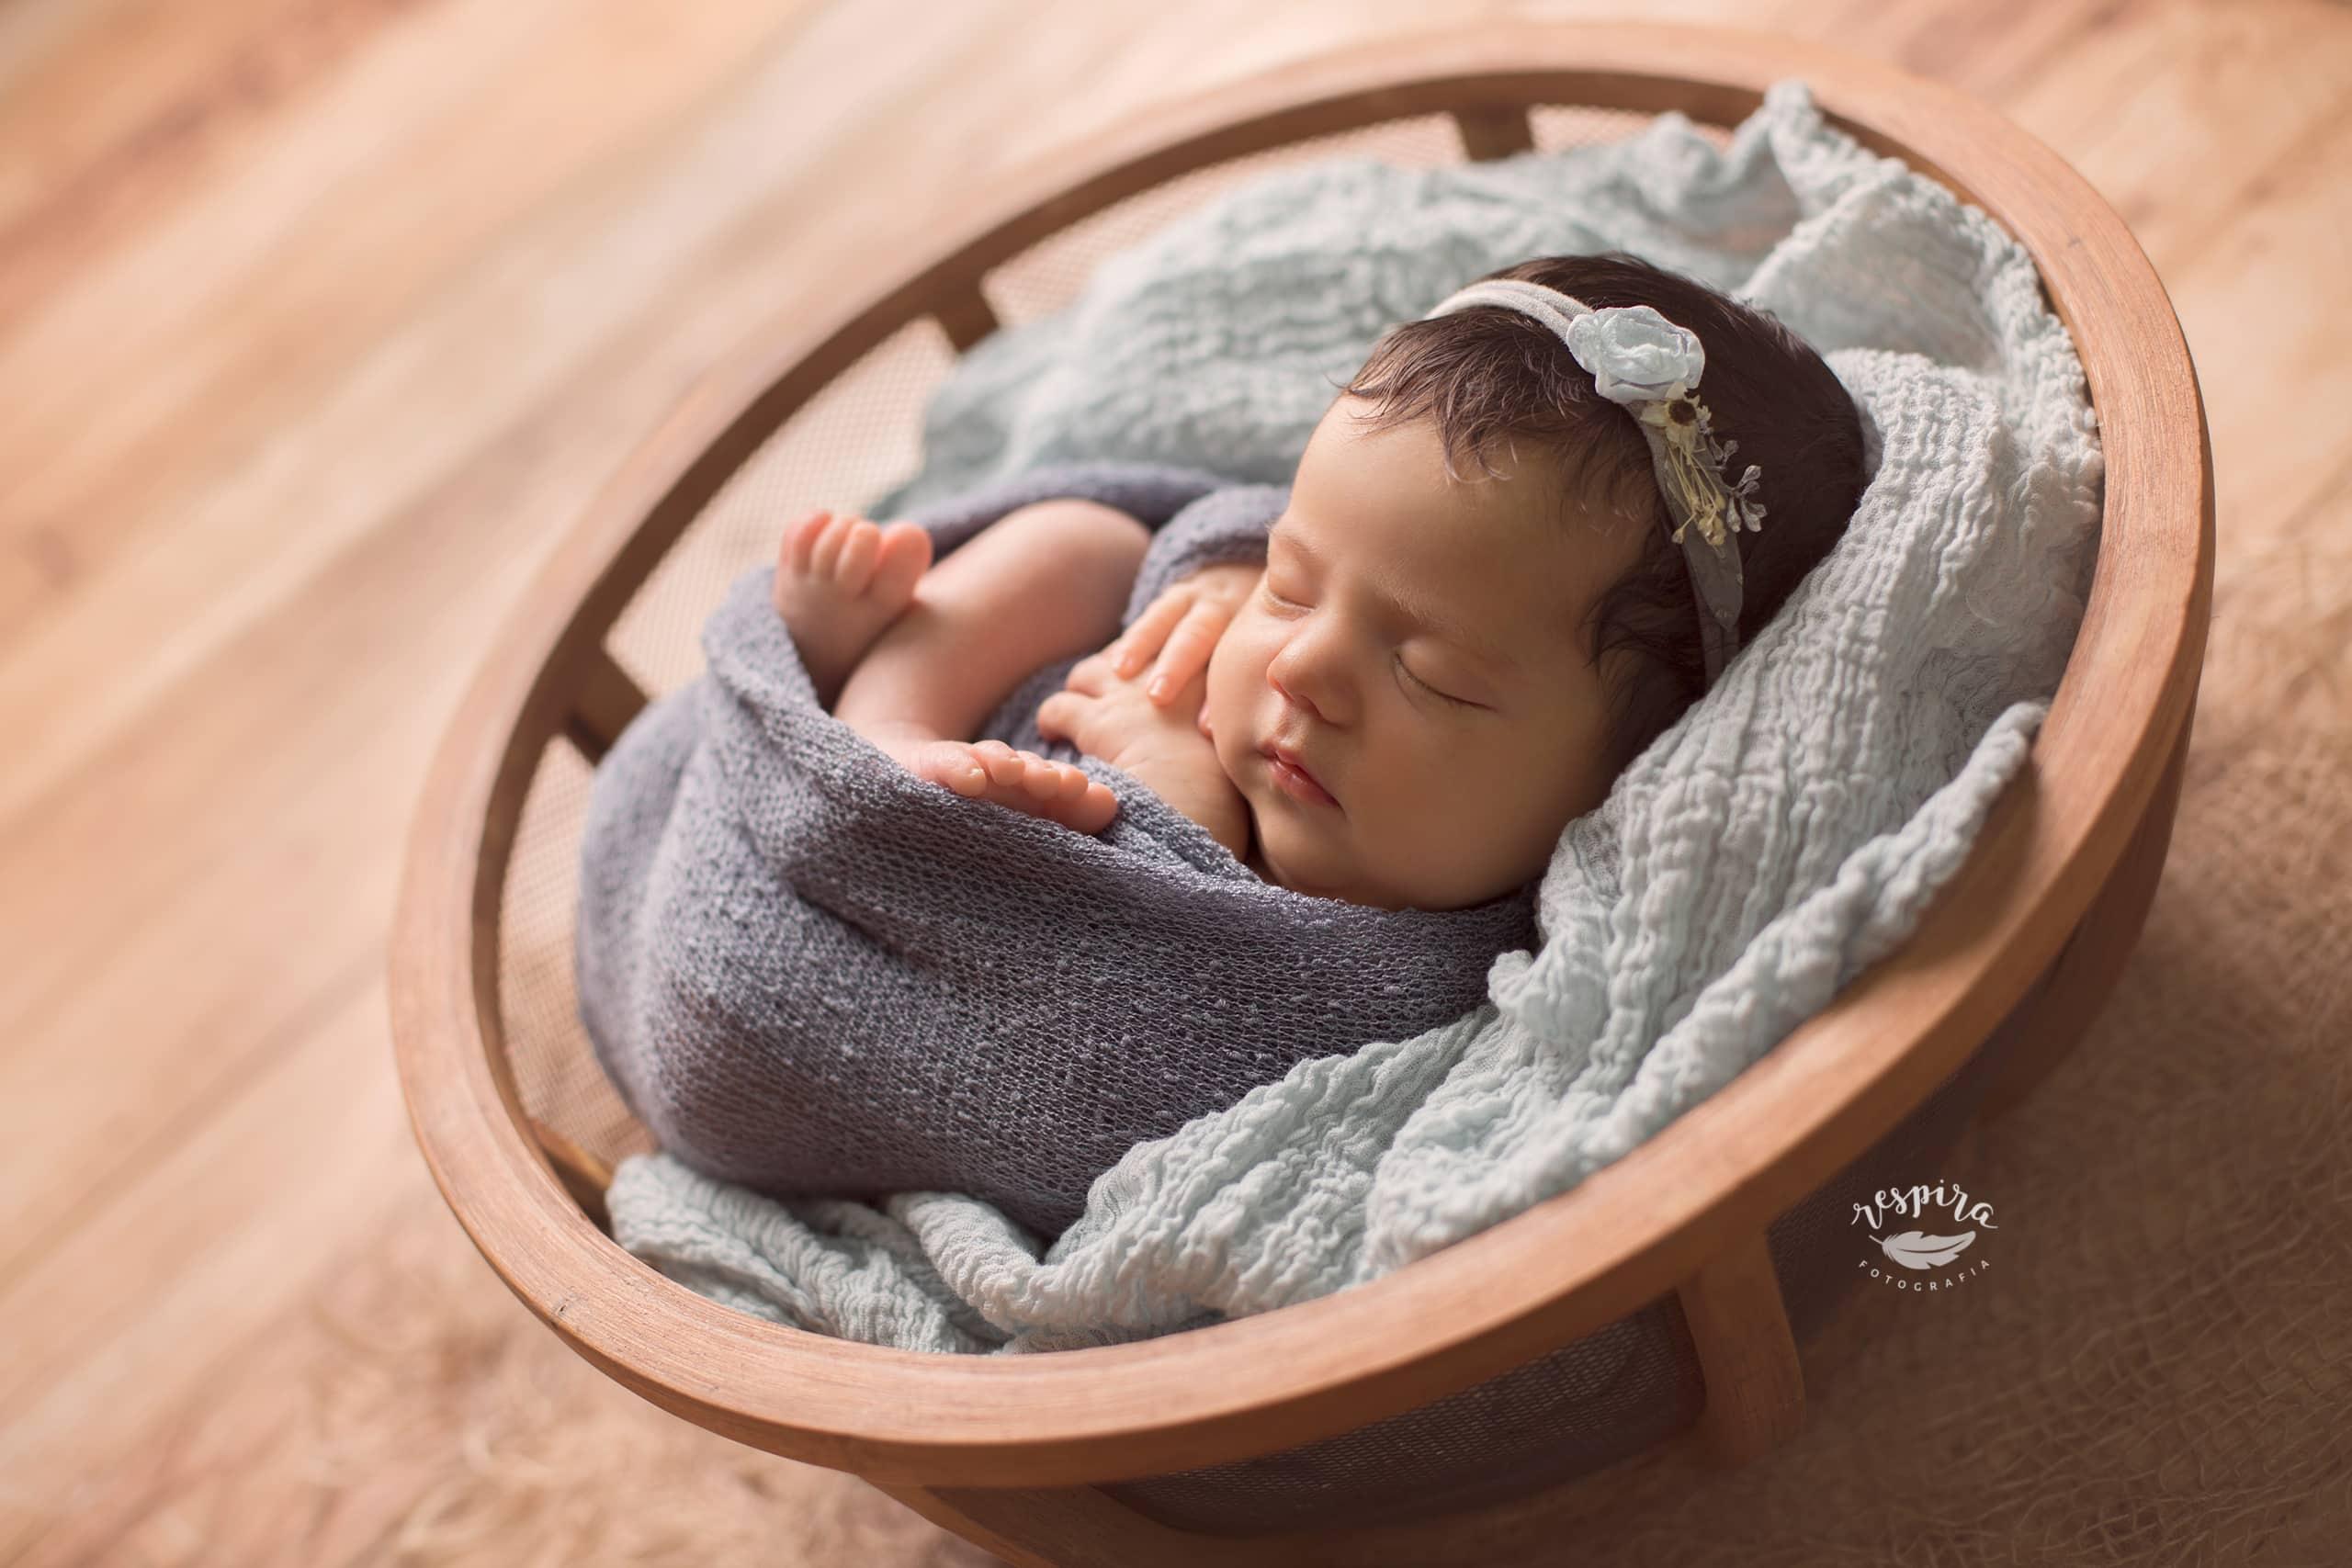 Sesión Newborn Respira fotografía - Wishlist de Septiembre